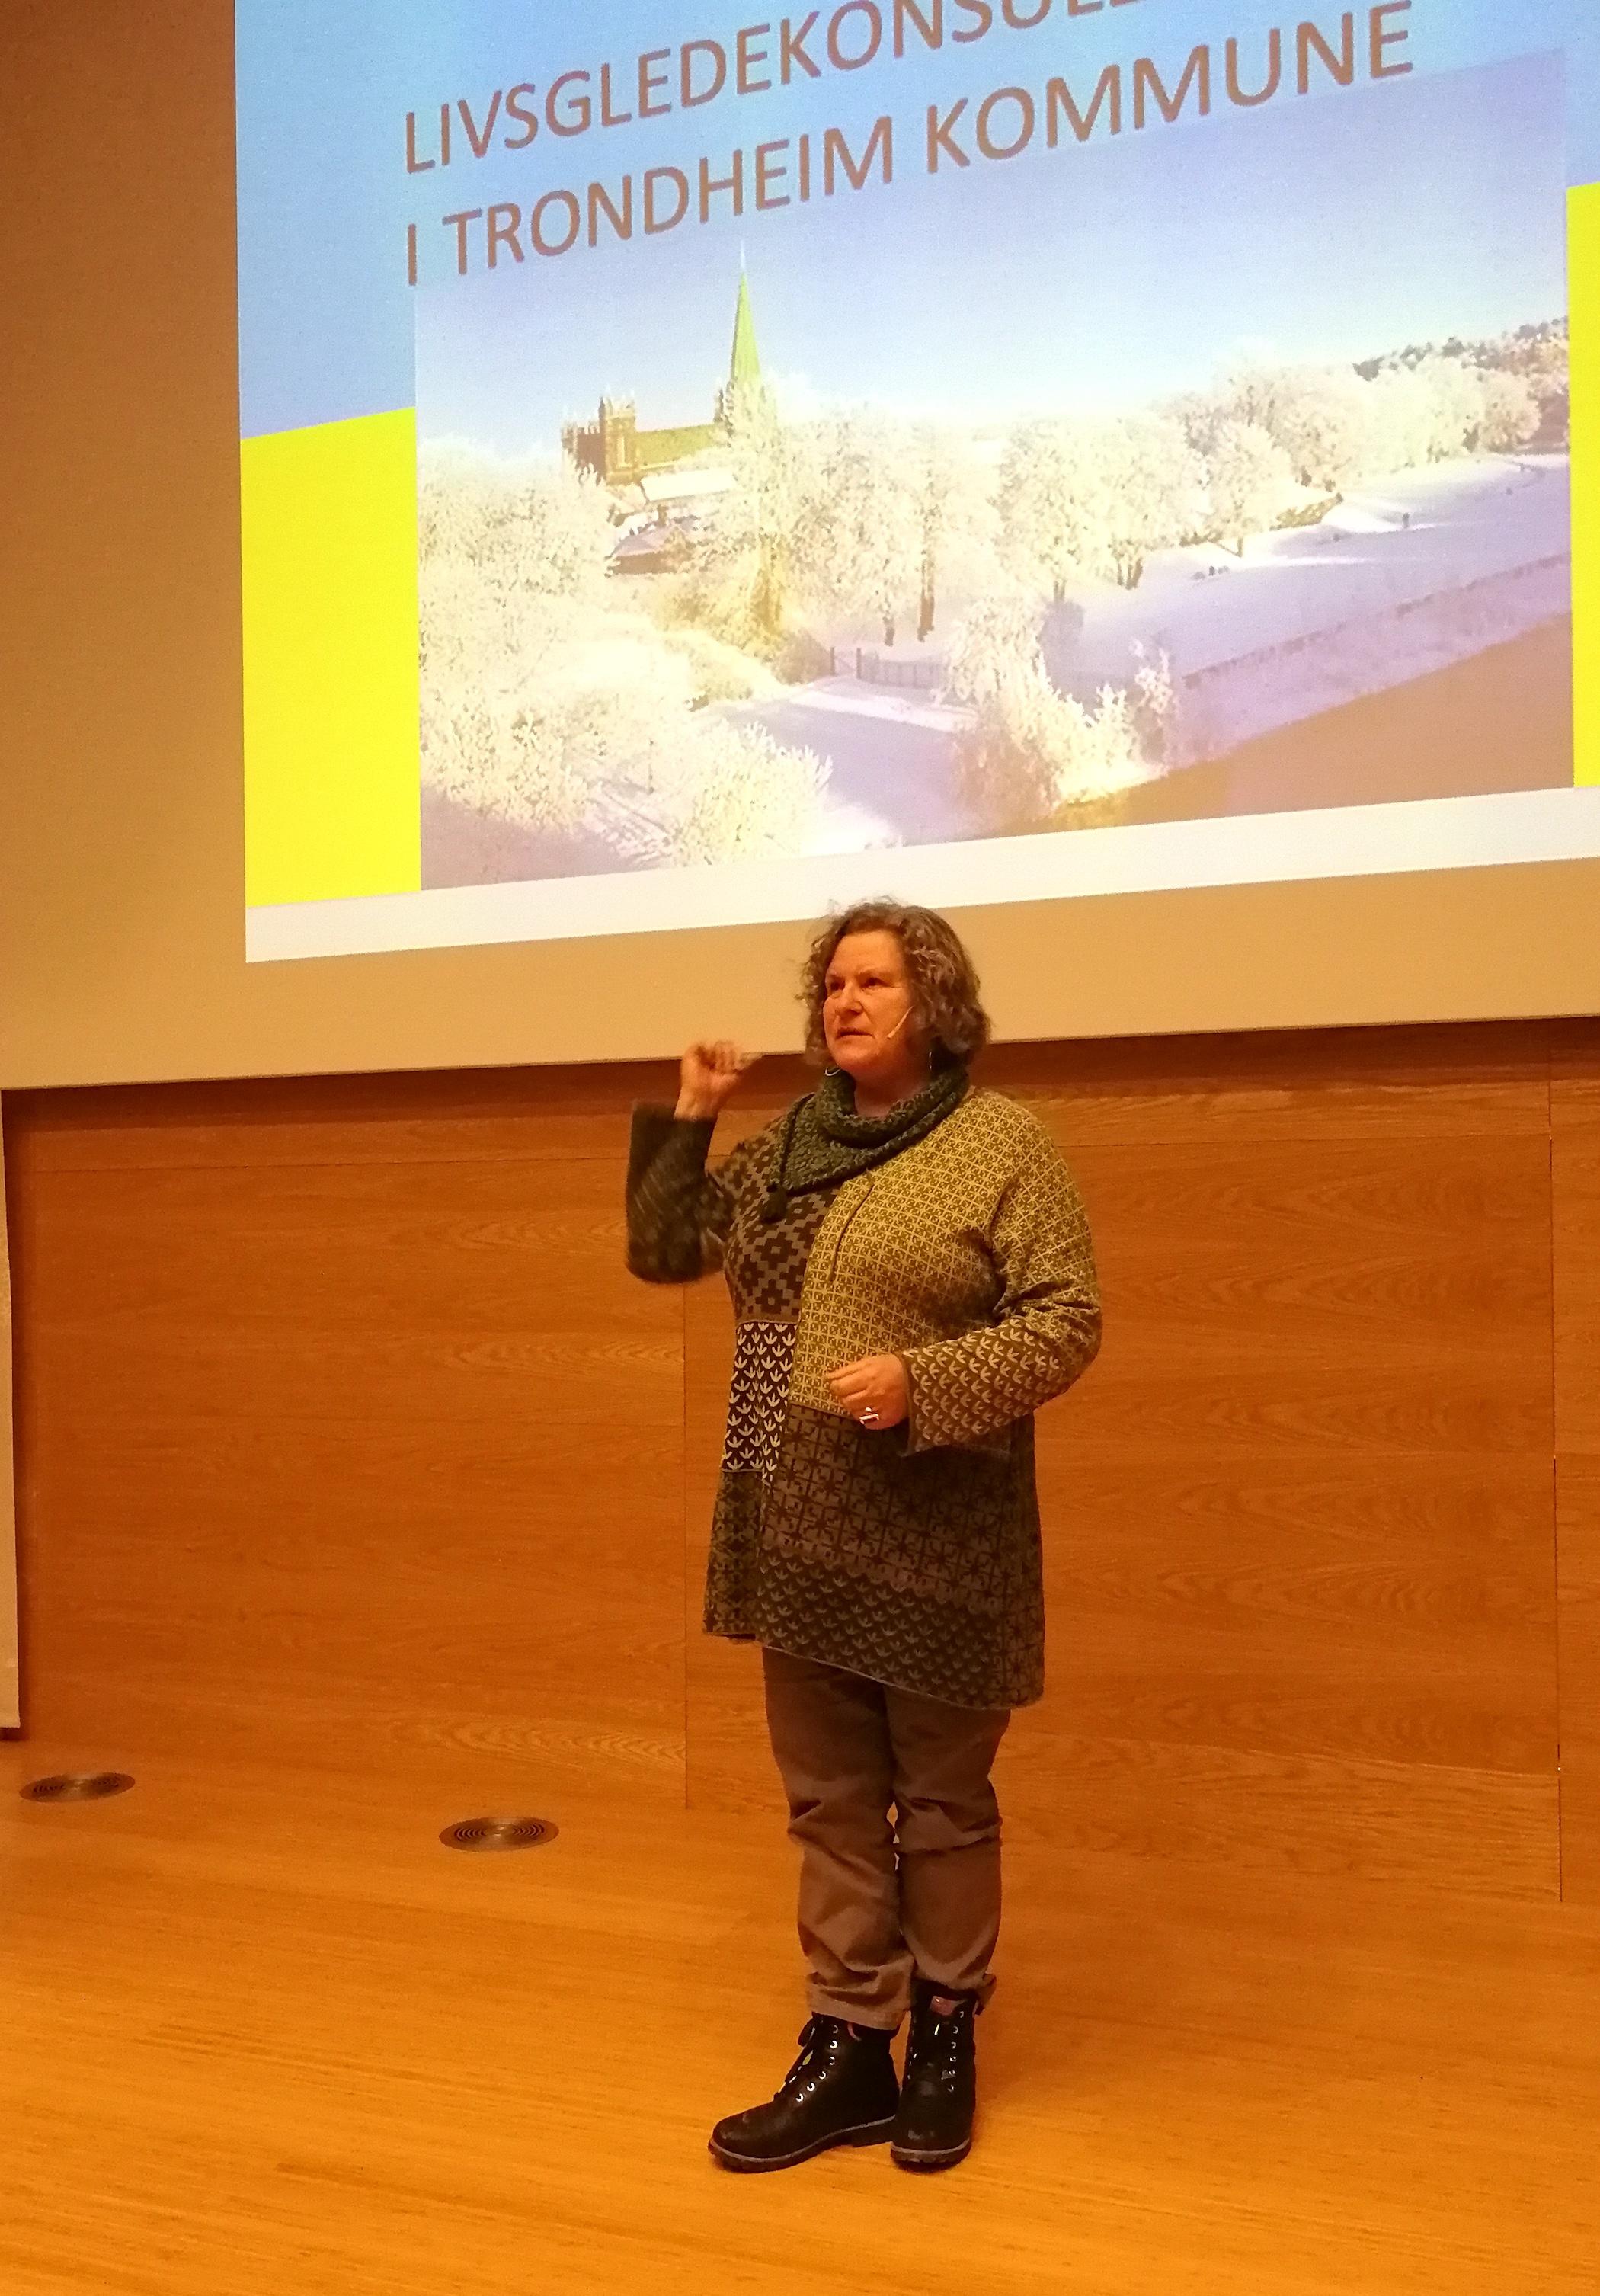 Norges første livsgledekonsulent, Siri Svennigsson